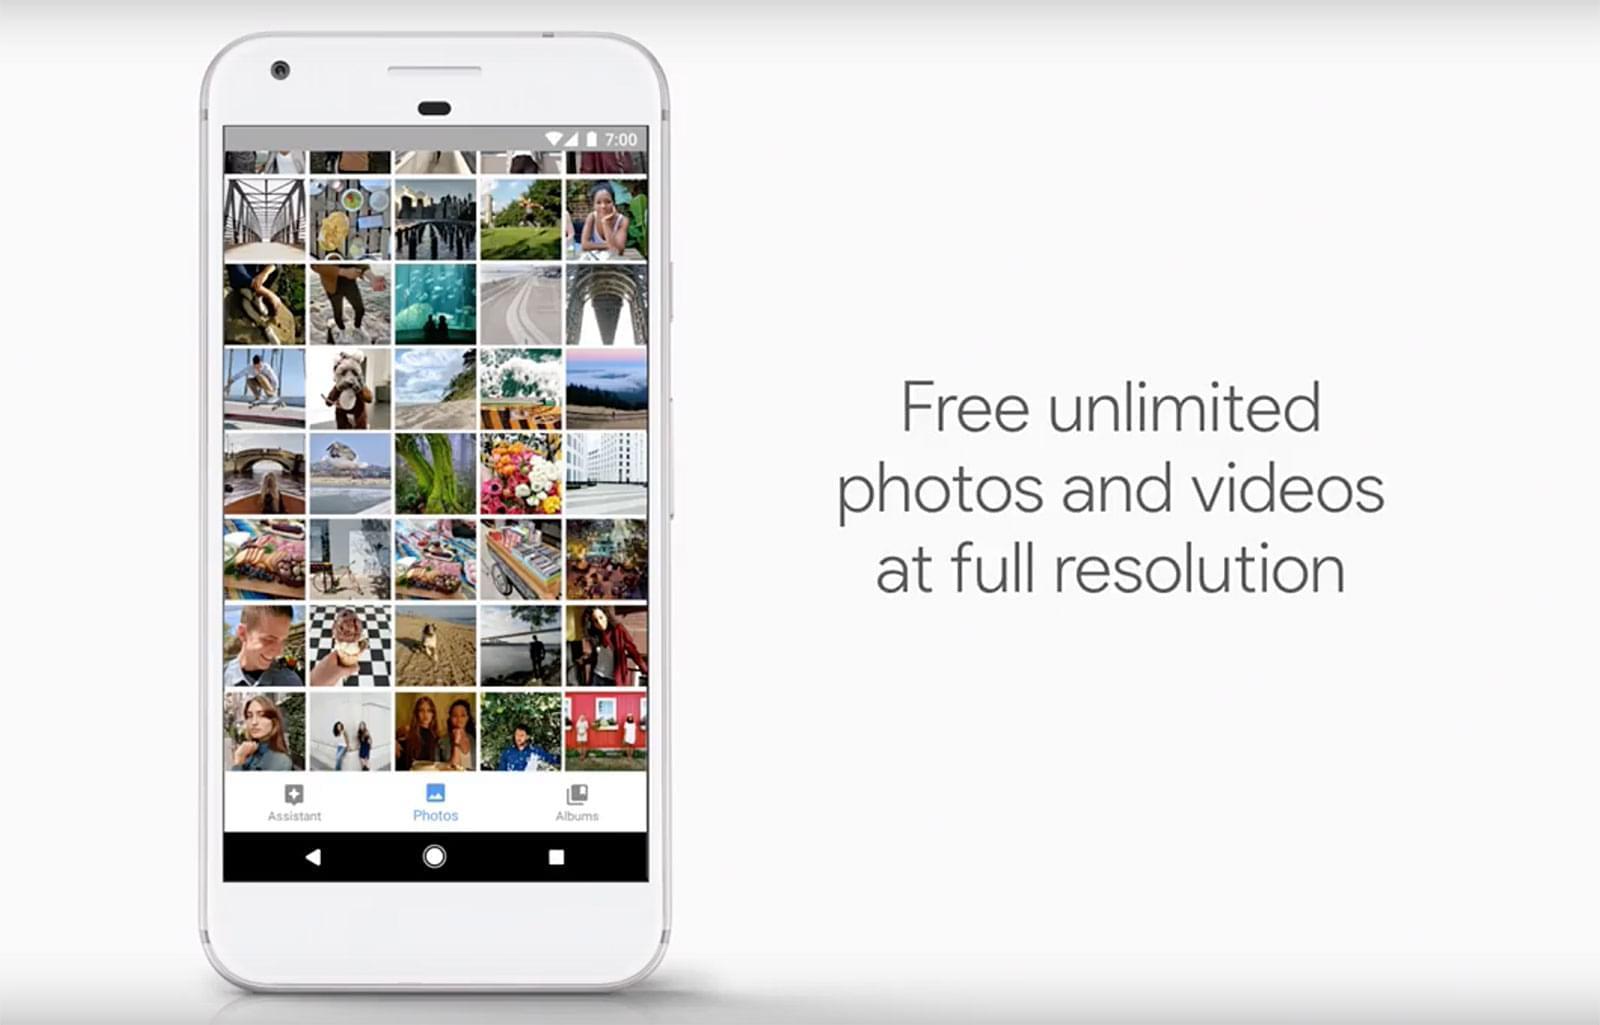 تلفنهای اصلی پیکسل حافظه ذخیره سازی نامحدود در Google Photos را همچنان خواهند داشت